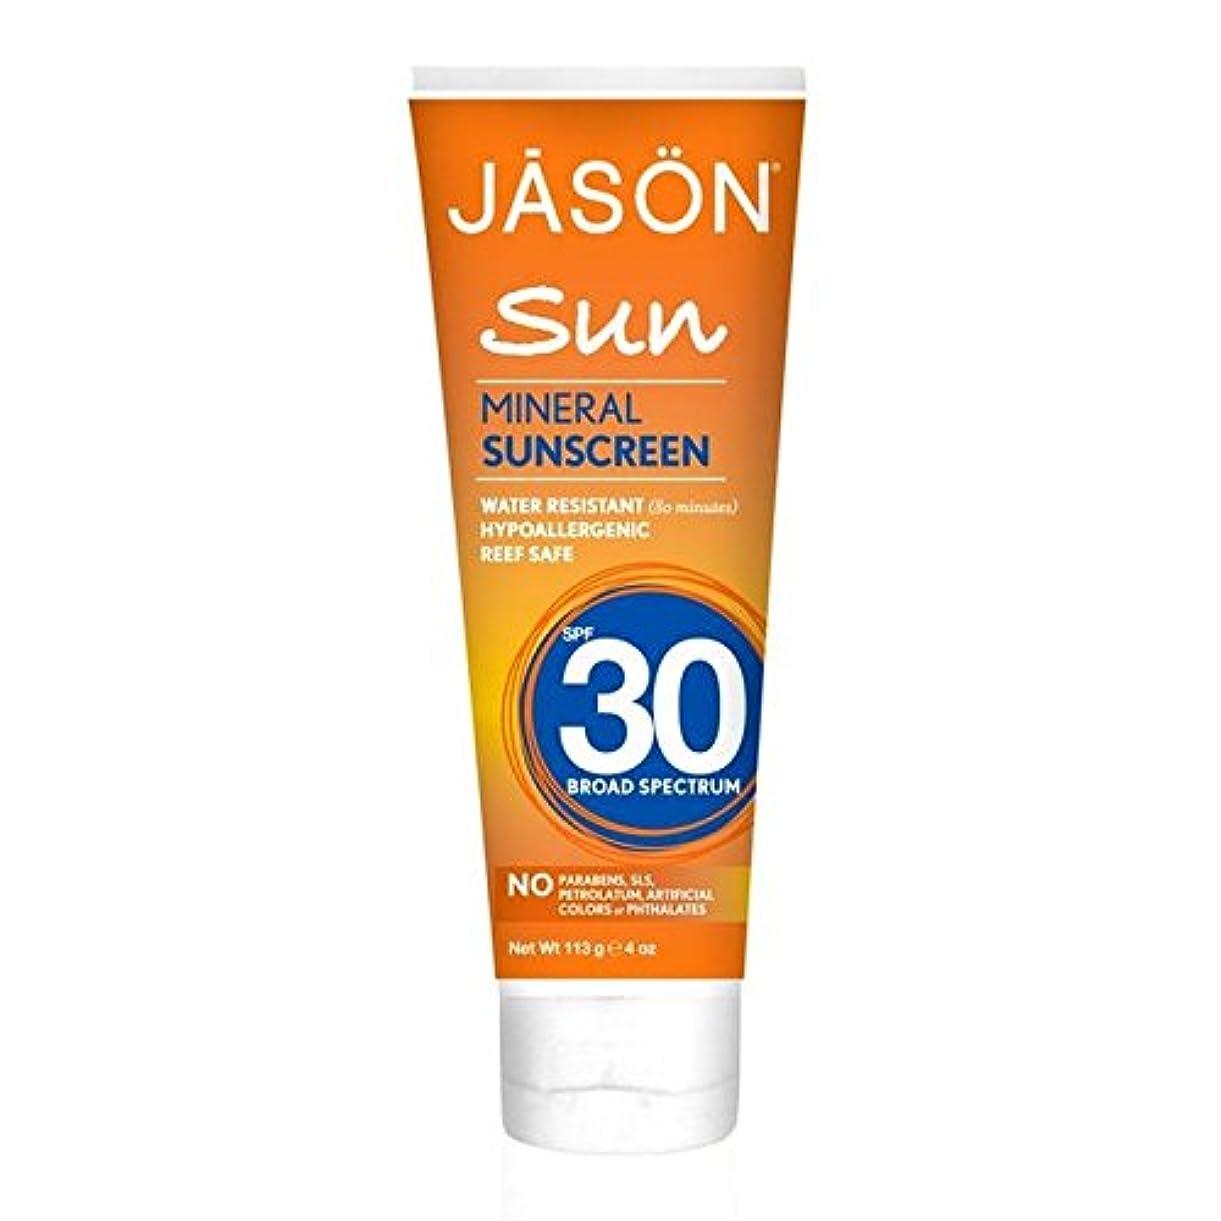 遺伝的アンソロジーそっとジェイソン?ミネラル日焼け止め30の113グラム x4 - Jason Mineral Sunblock SPF30 113g (Pack of 4) [並行輸入品]